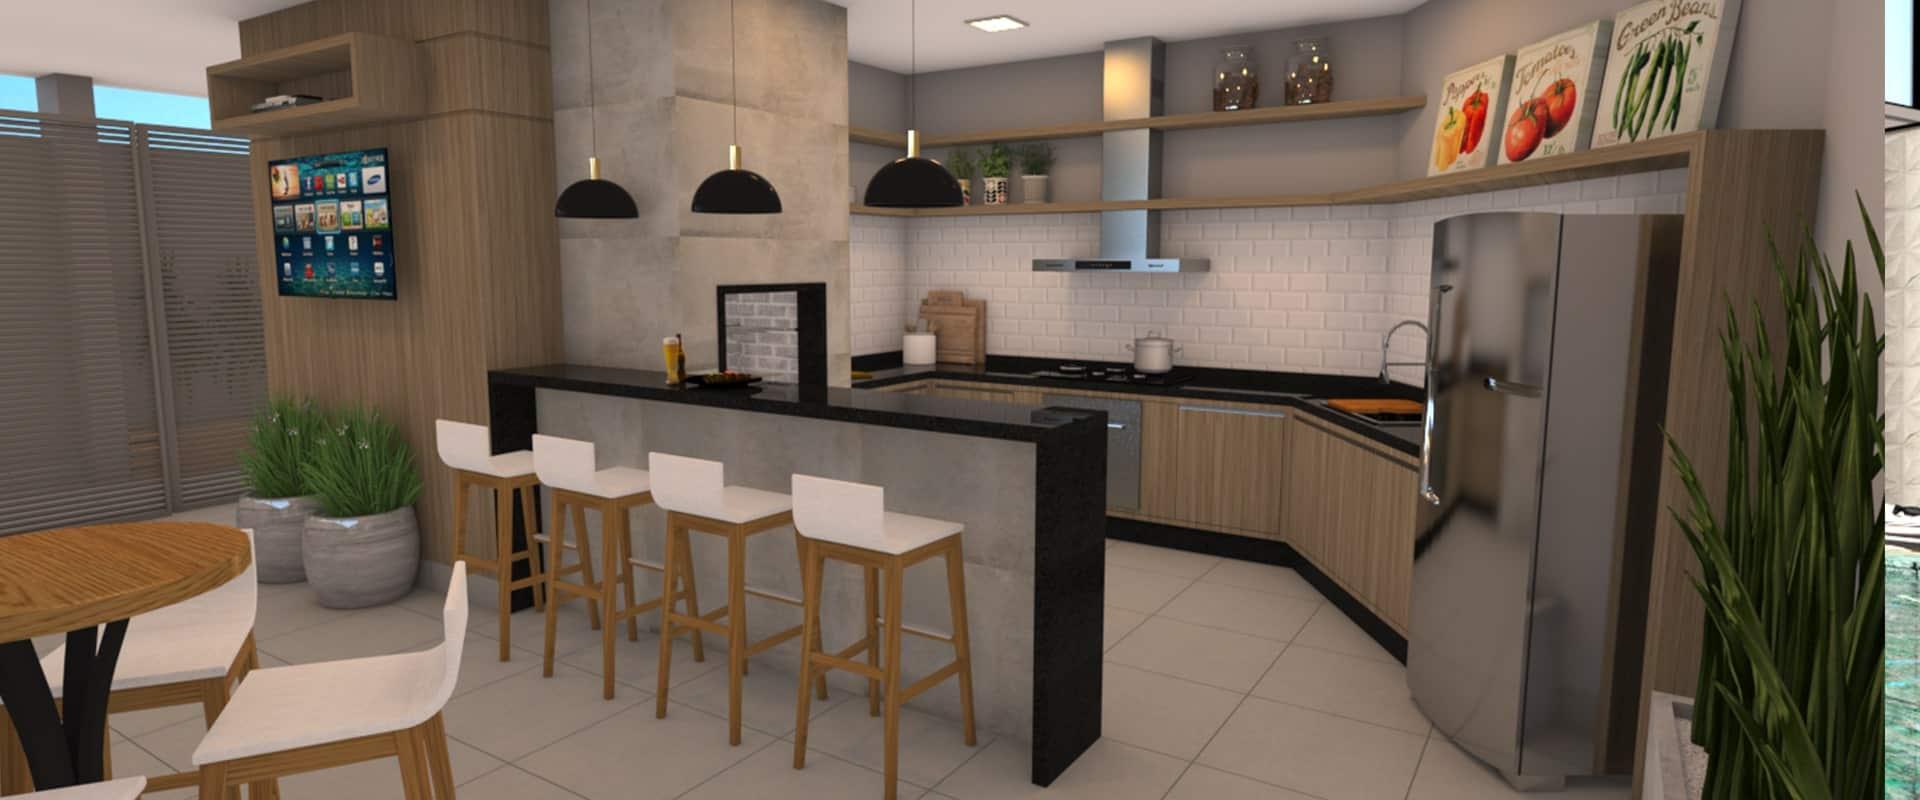 Apartamento para compra de alto padrão